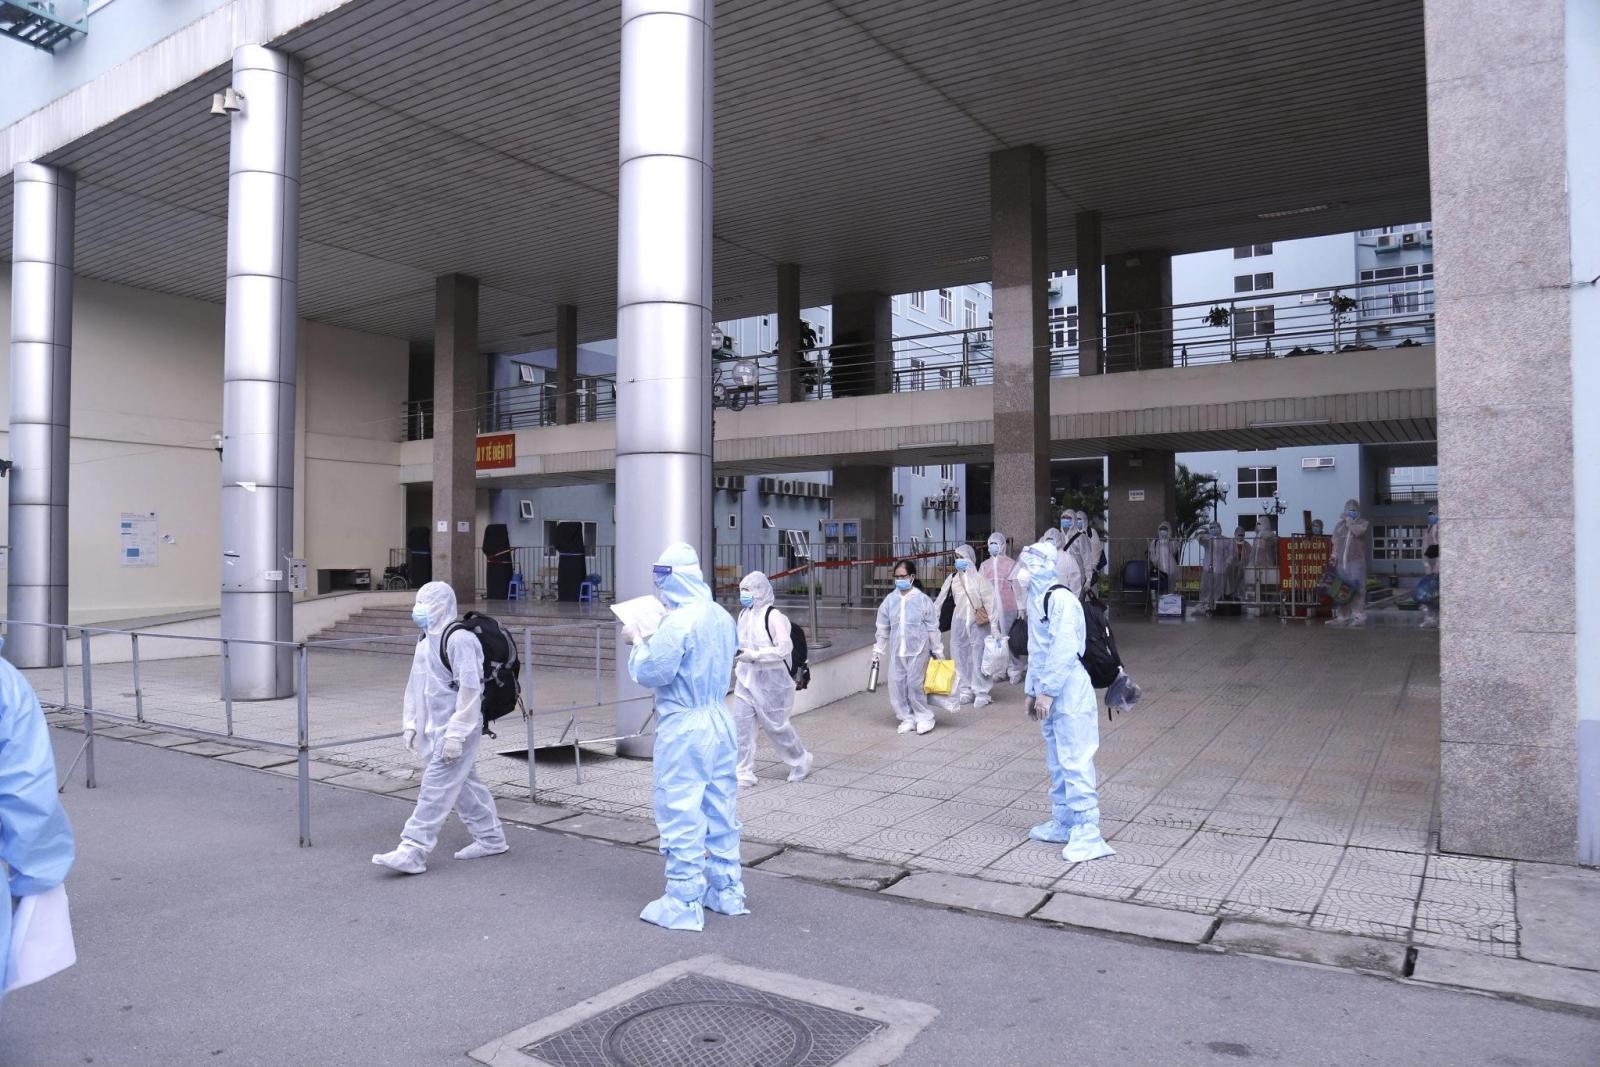 500 người bệnh và người nhà ở bệnh viện K di chuyển đến khu cách ly tập trung để phòng dịch Covid-19